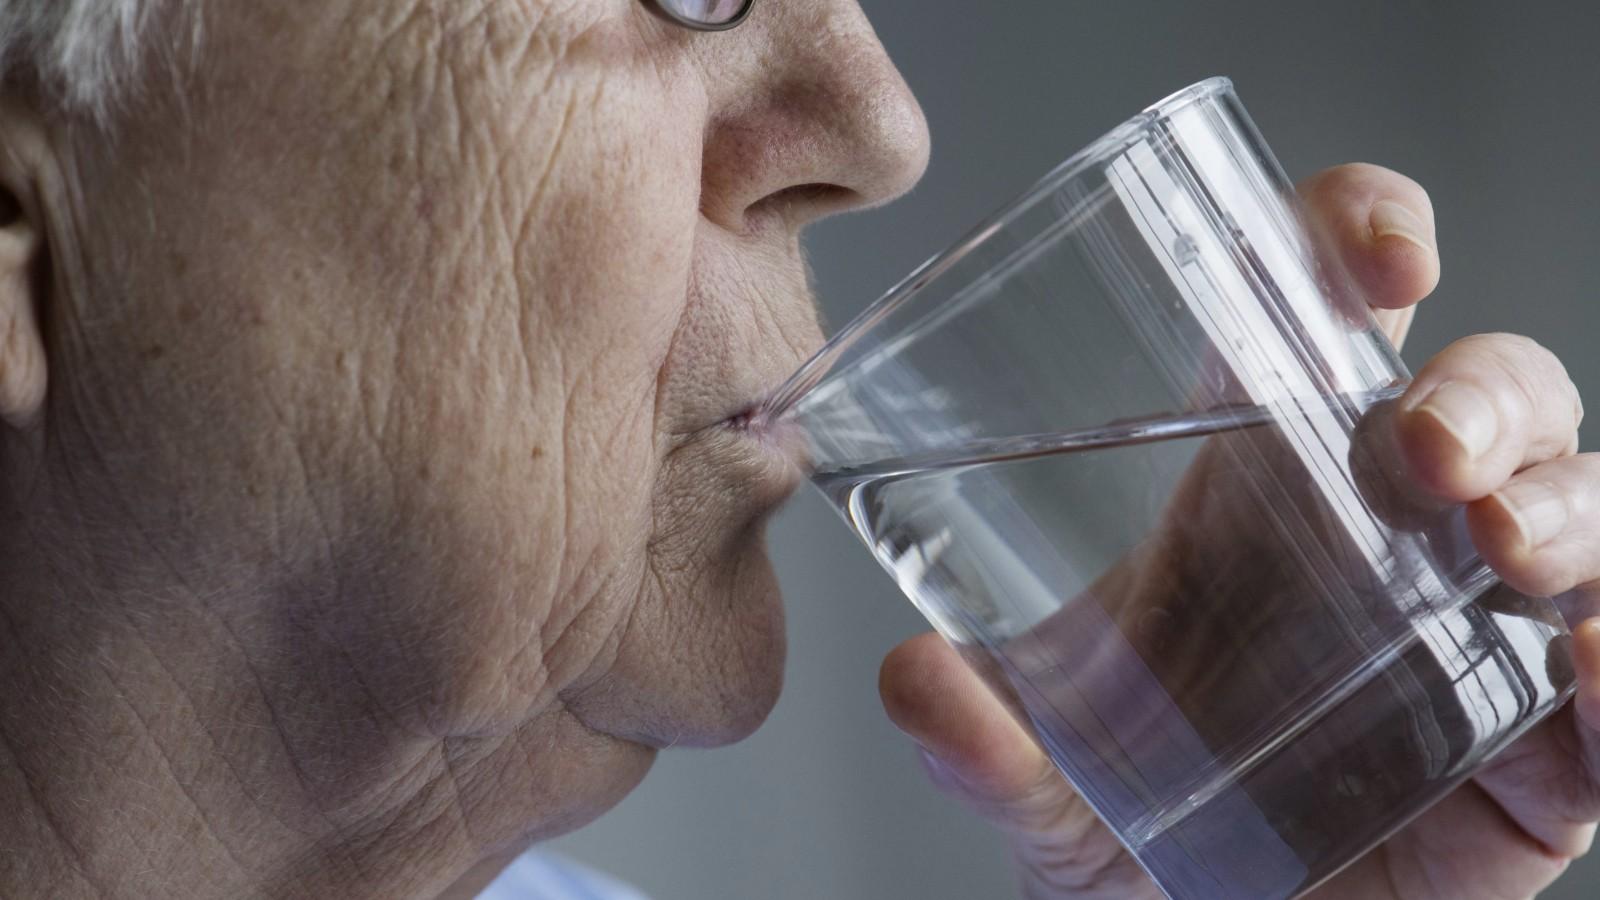 Já bebeu água hoje? A importância da hidratação na terceira idade